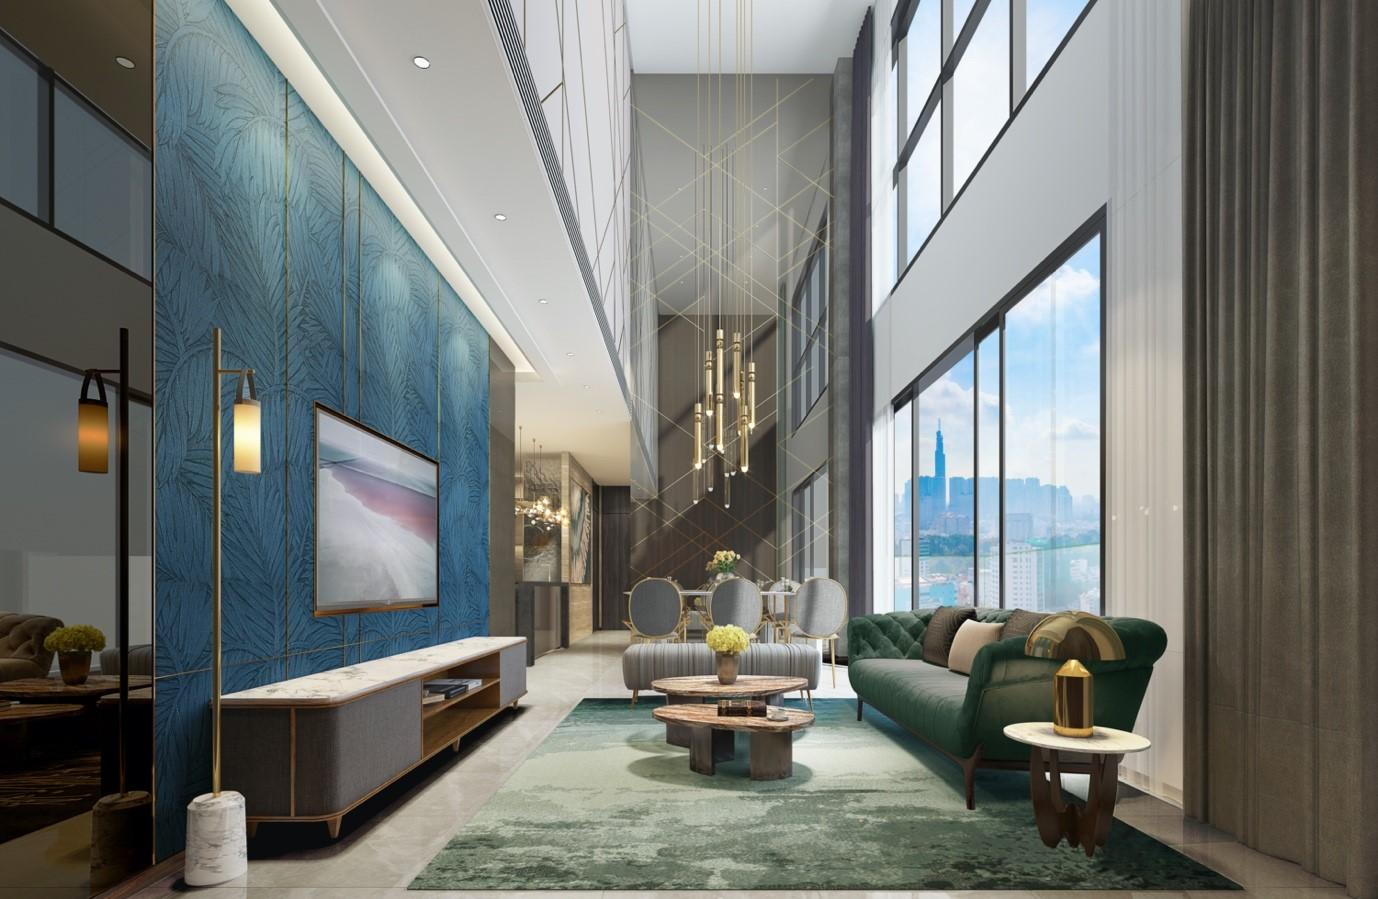 Không gian phòng khách căn hộ 4 phòng ngủ tại The Marq với chiều cao trần tới 6,9 m cùng tầm nhìn hướng trung tâm thành phố. Ảnh phối cảnh: Hongkong Land.